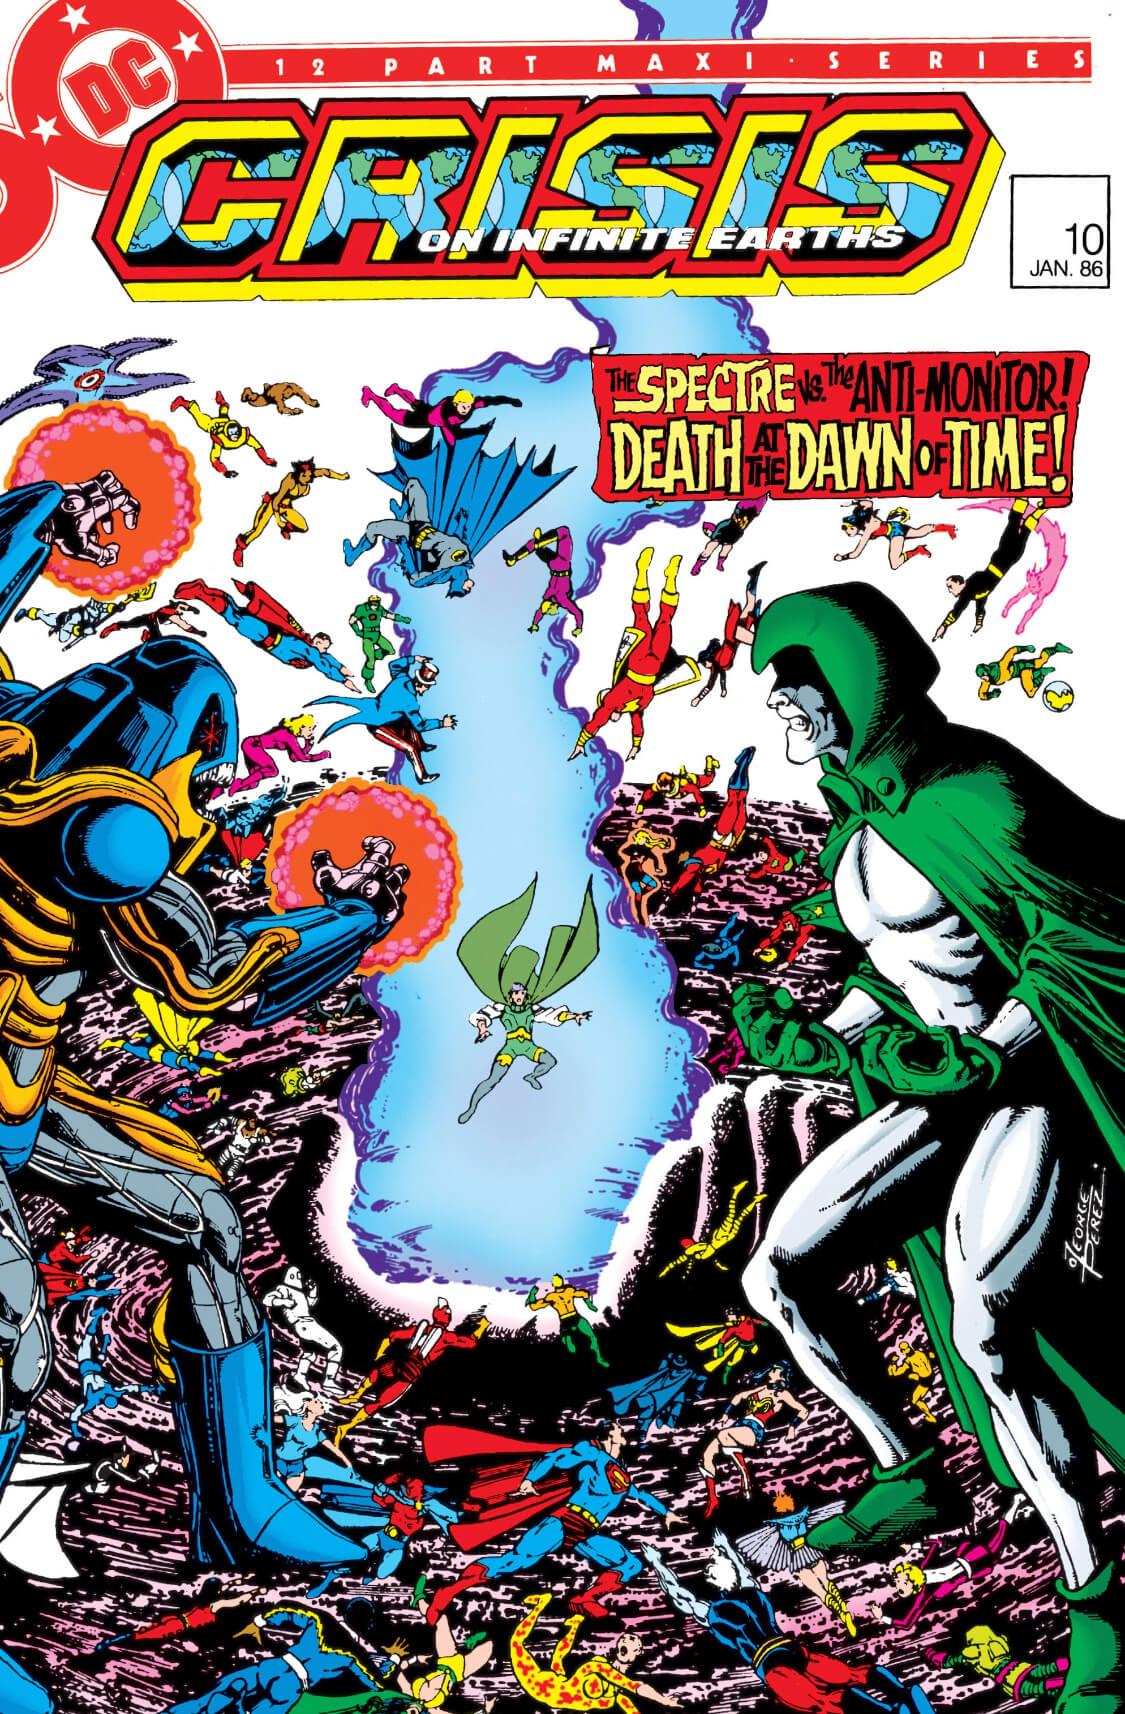 crisis-on-infinite-earths-spectre-vs-antimonitor.jpg